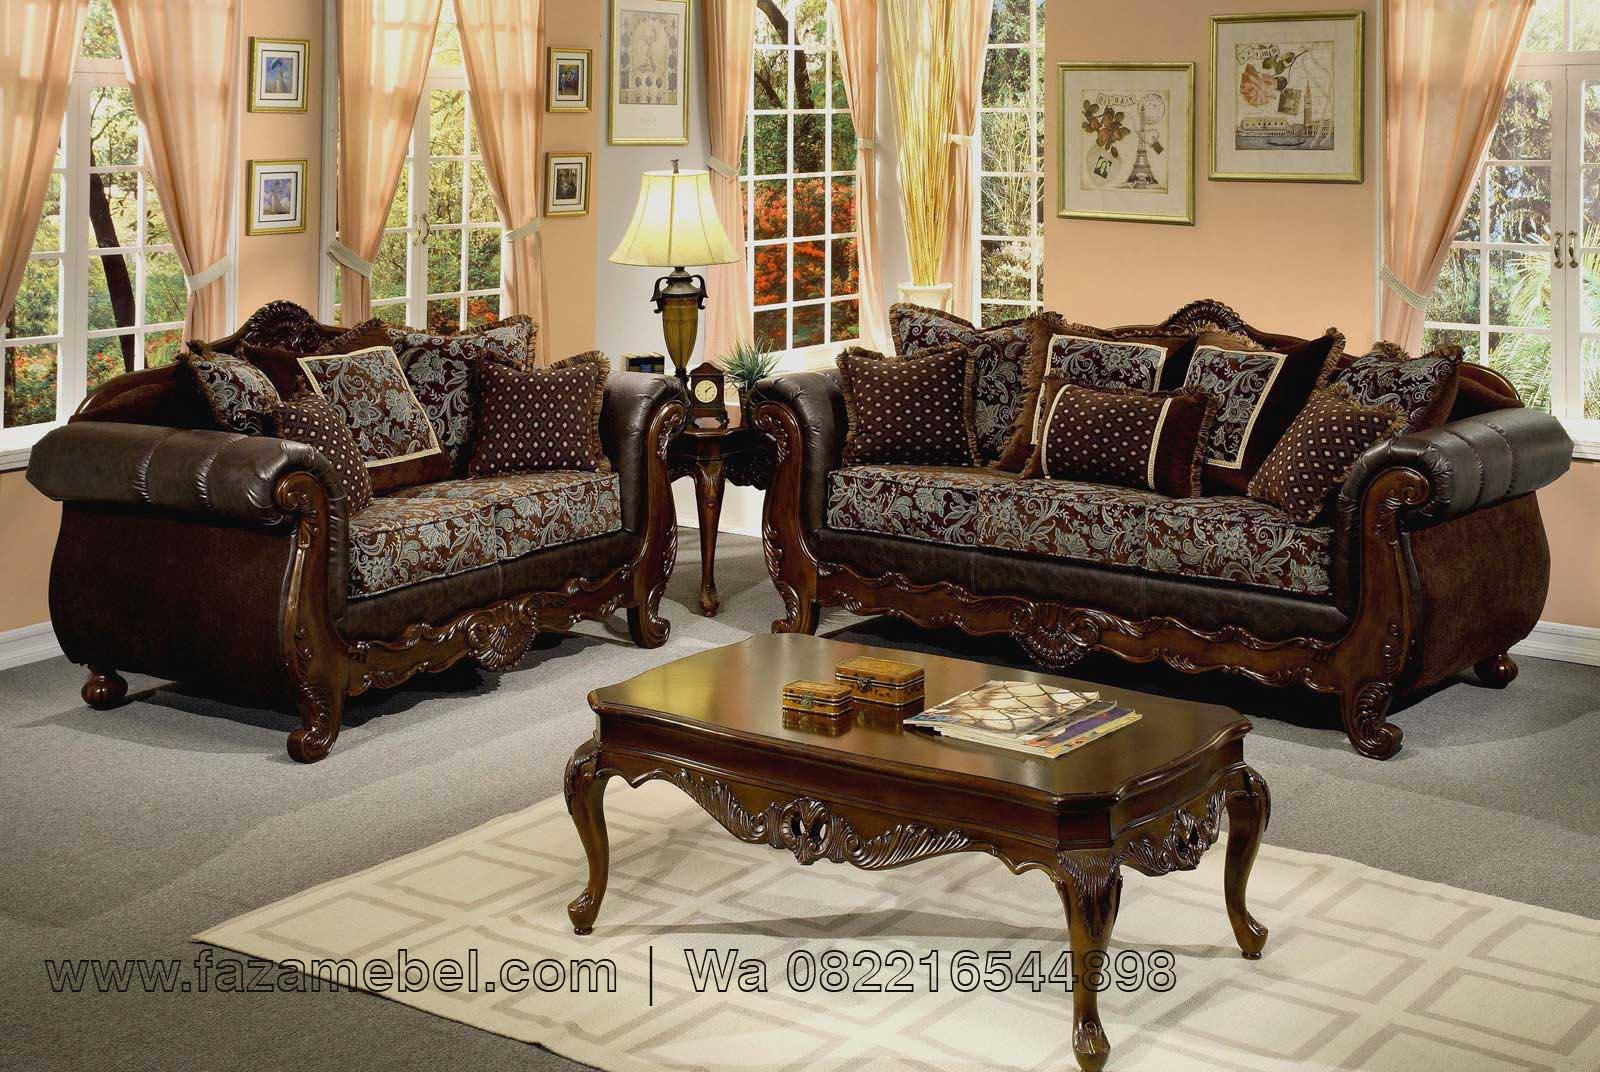 sofa-luxury-mewah-klasik